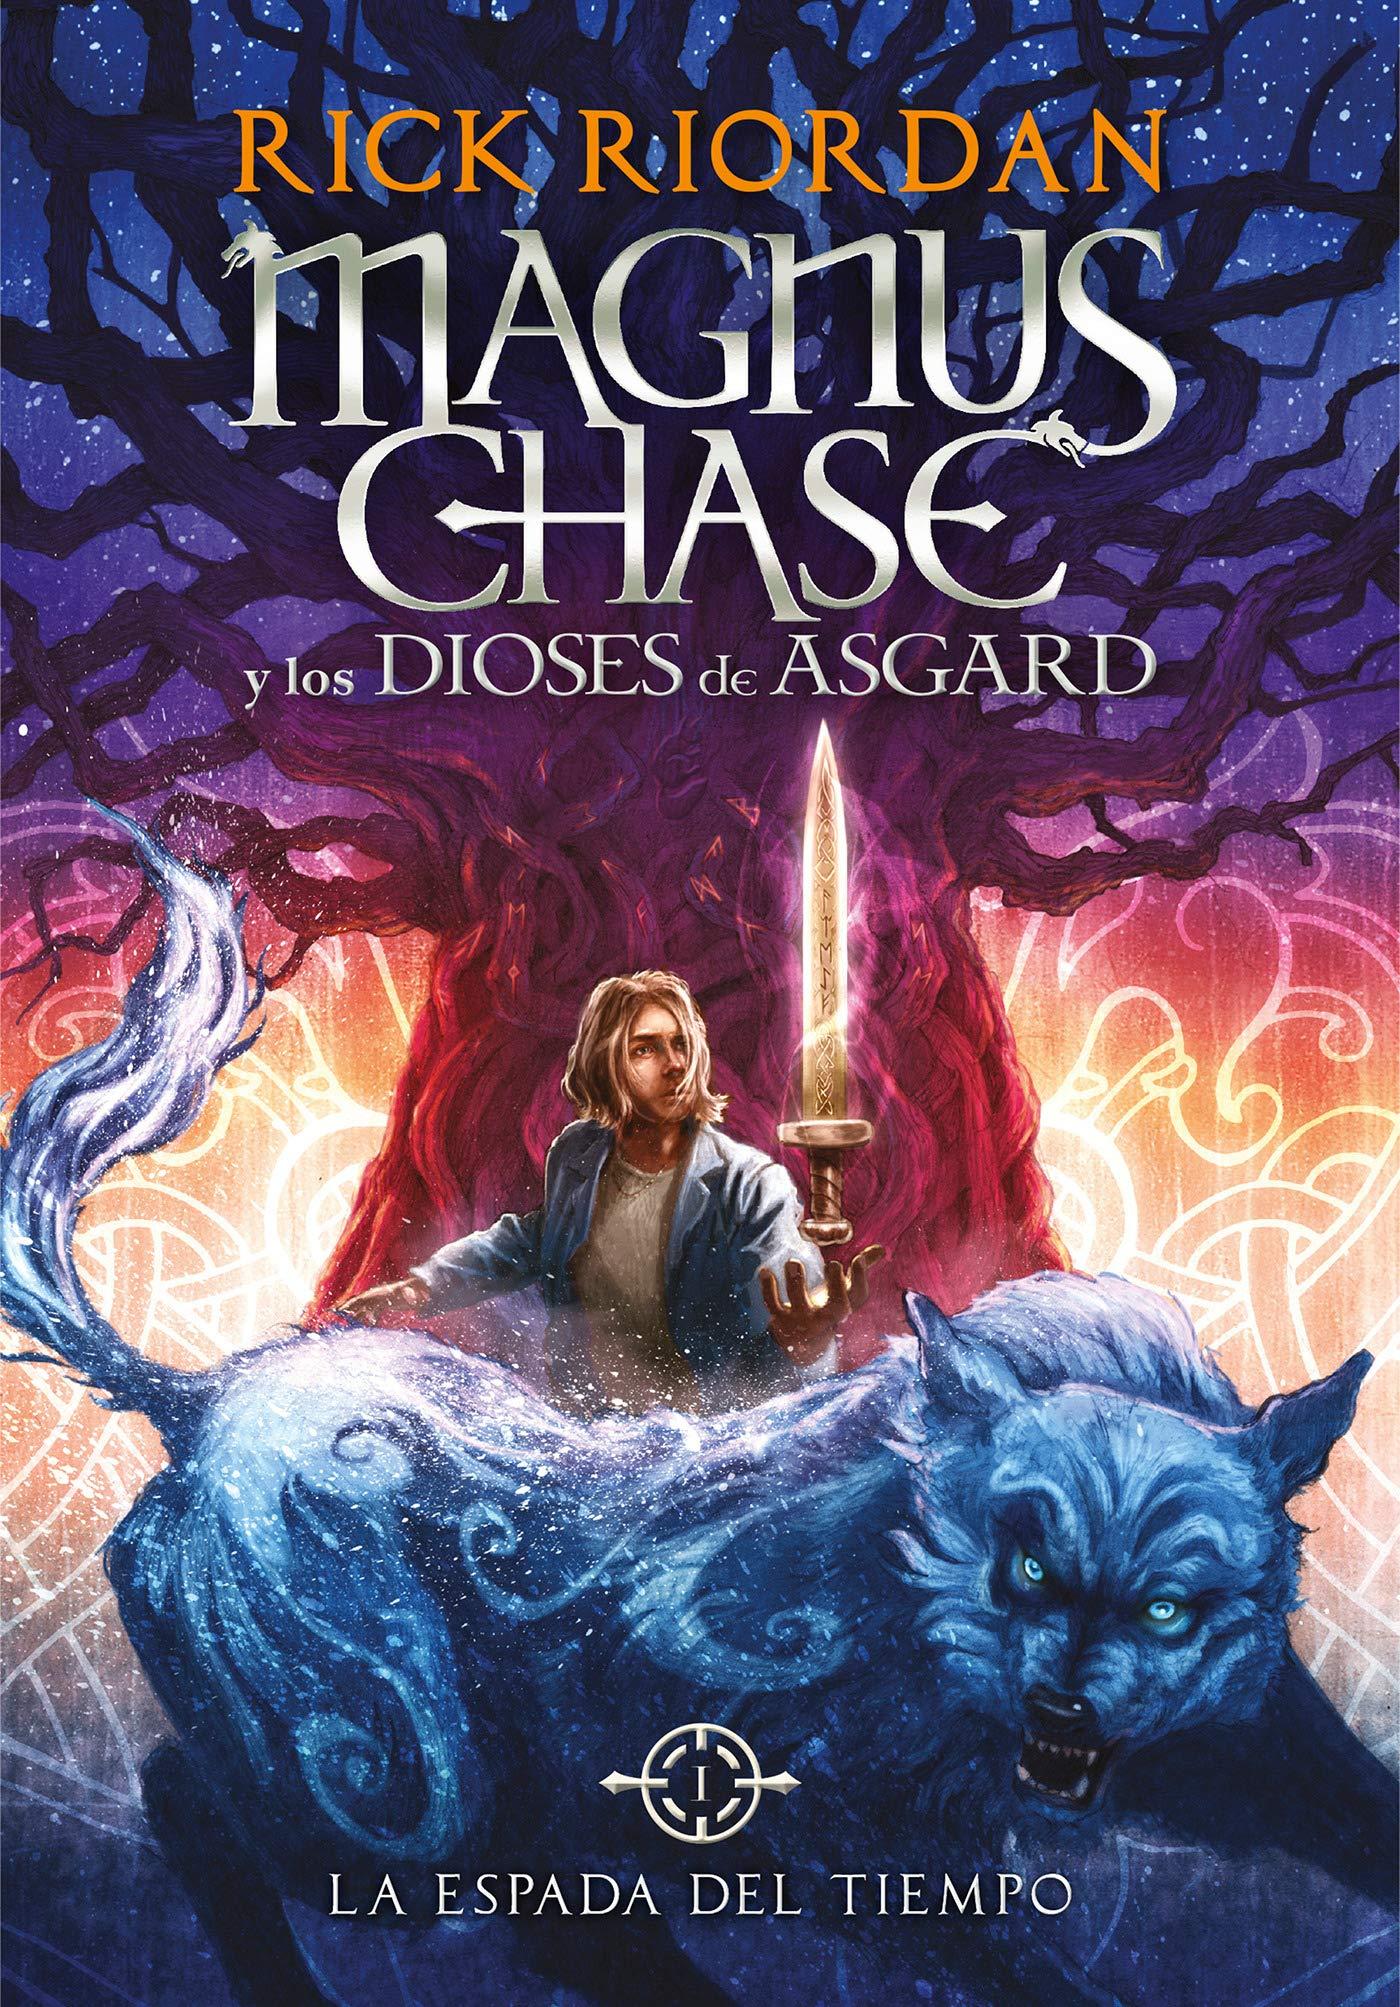 Magnus Chase y los dioses de Asgard (Serie Infinita): Amazon.es: Rick Riordan, Ignacio Gómez Calvo;: Libros